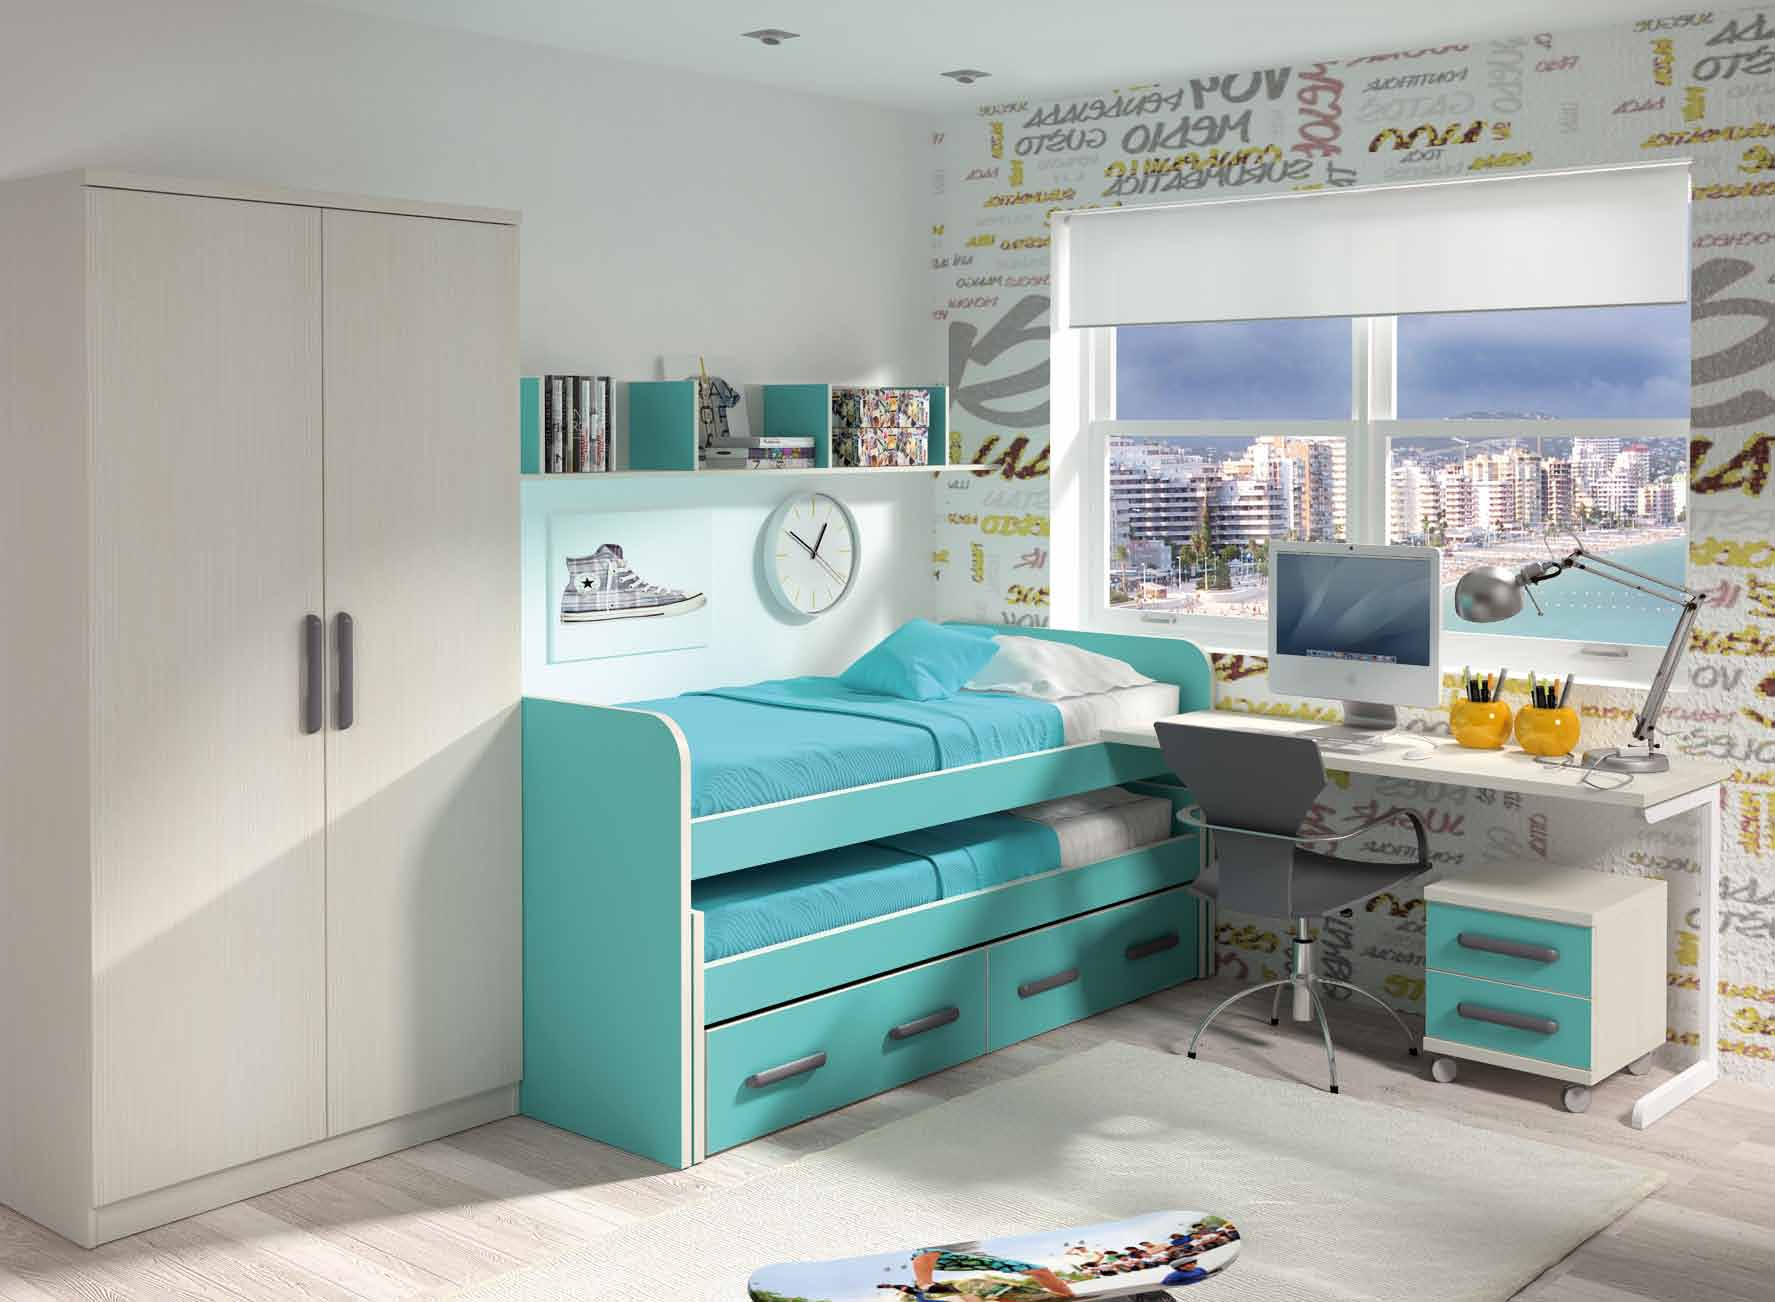 cama desplazable abierta dormitorio juvenil muebles